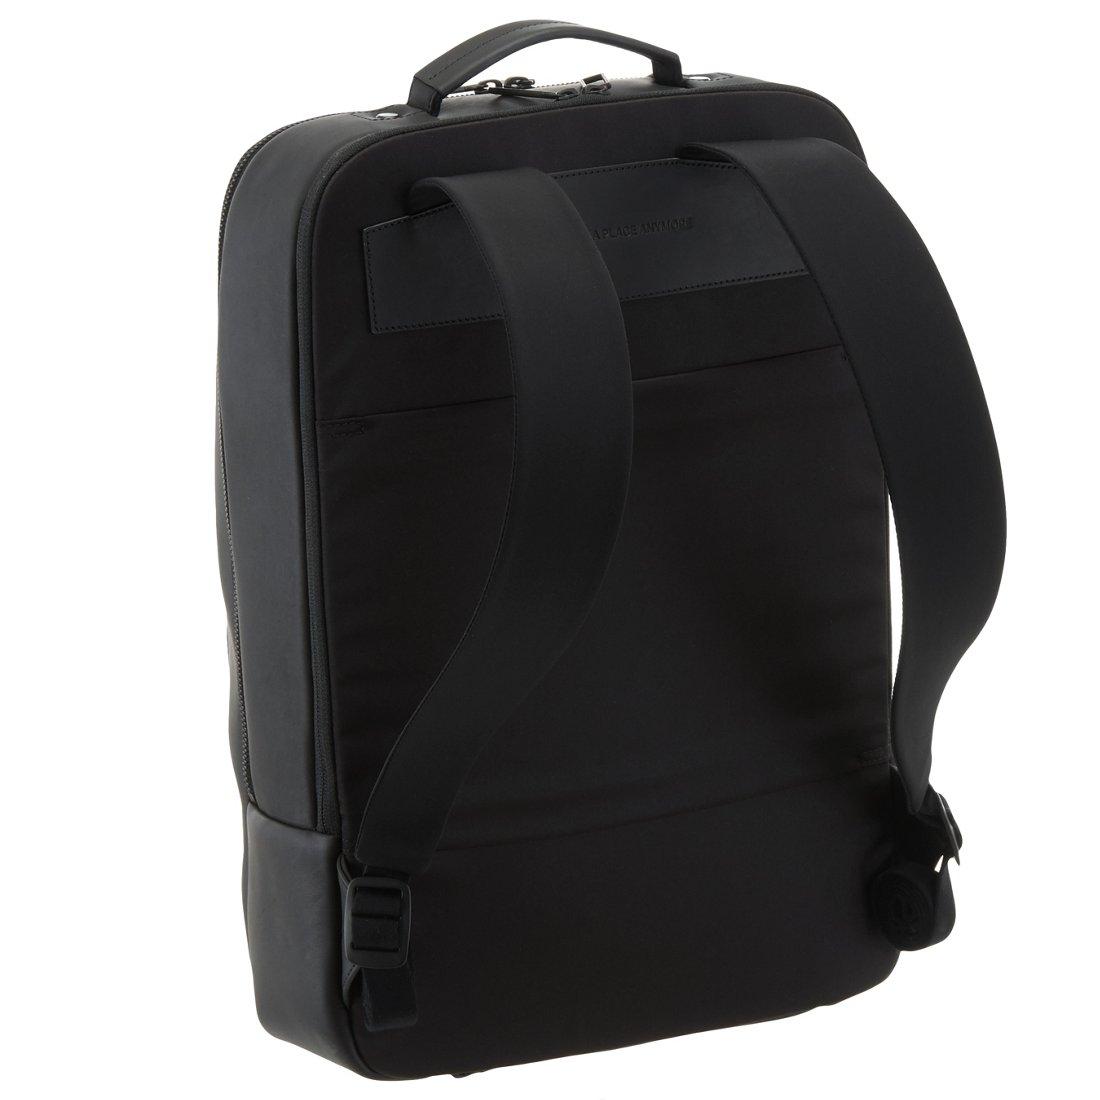 Salzen Backpacks Business Rucksack 43 cm - koffer-direkt.de c7d4faa507743